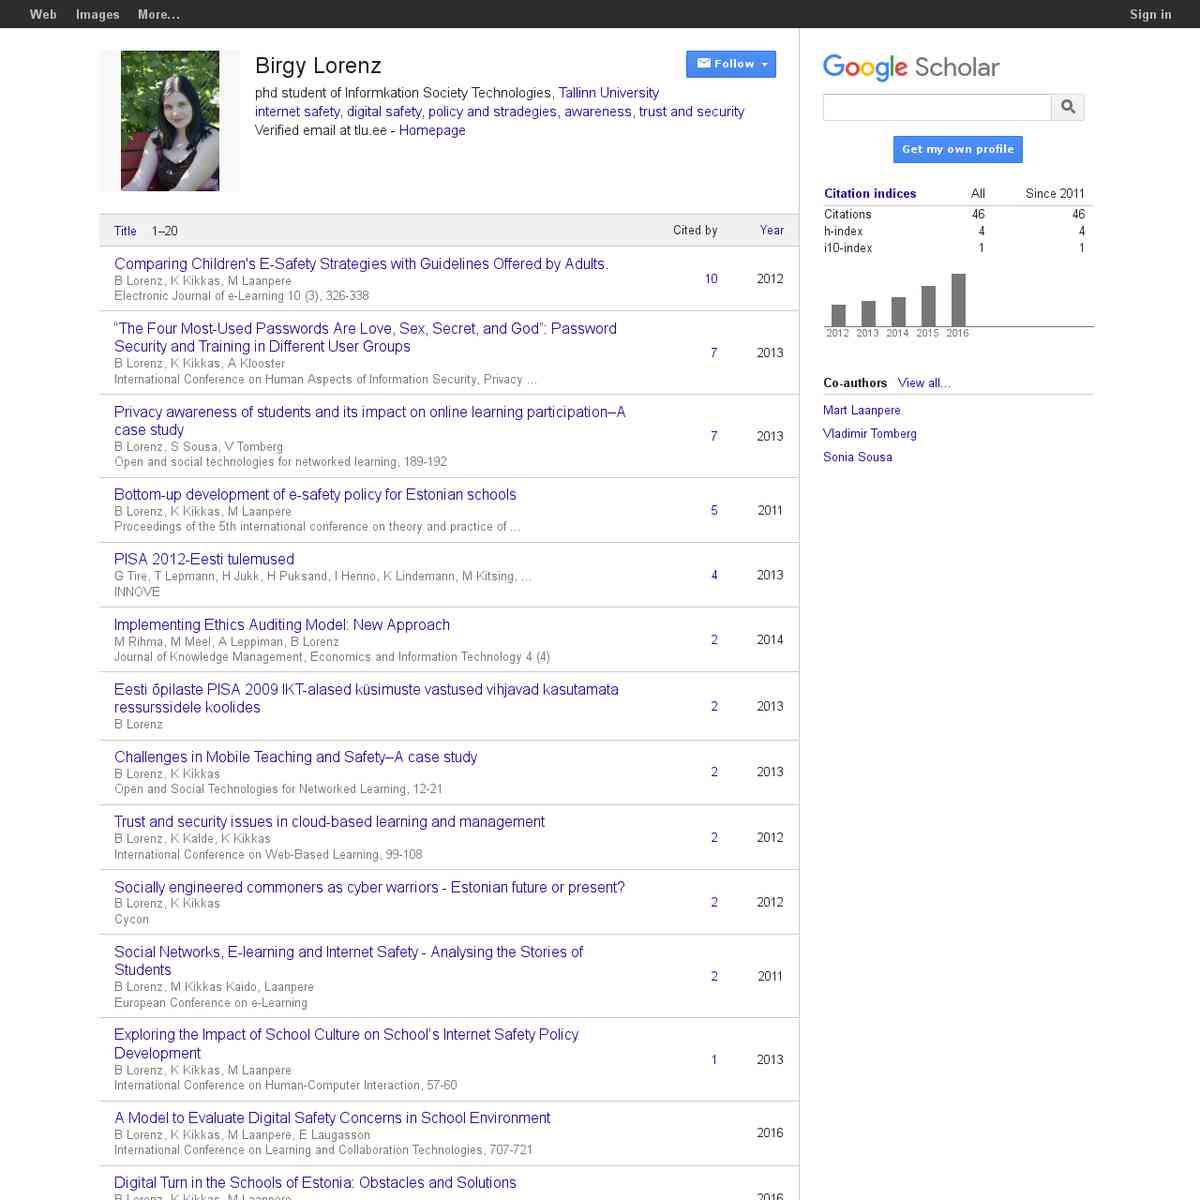 Birgy Lorenz - Google Scholar Citations